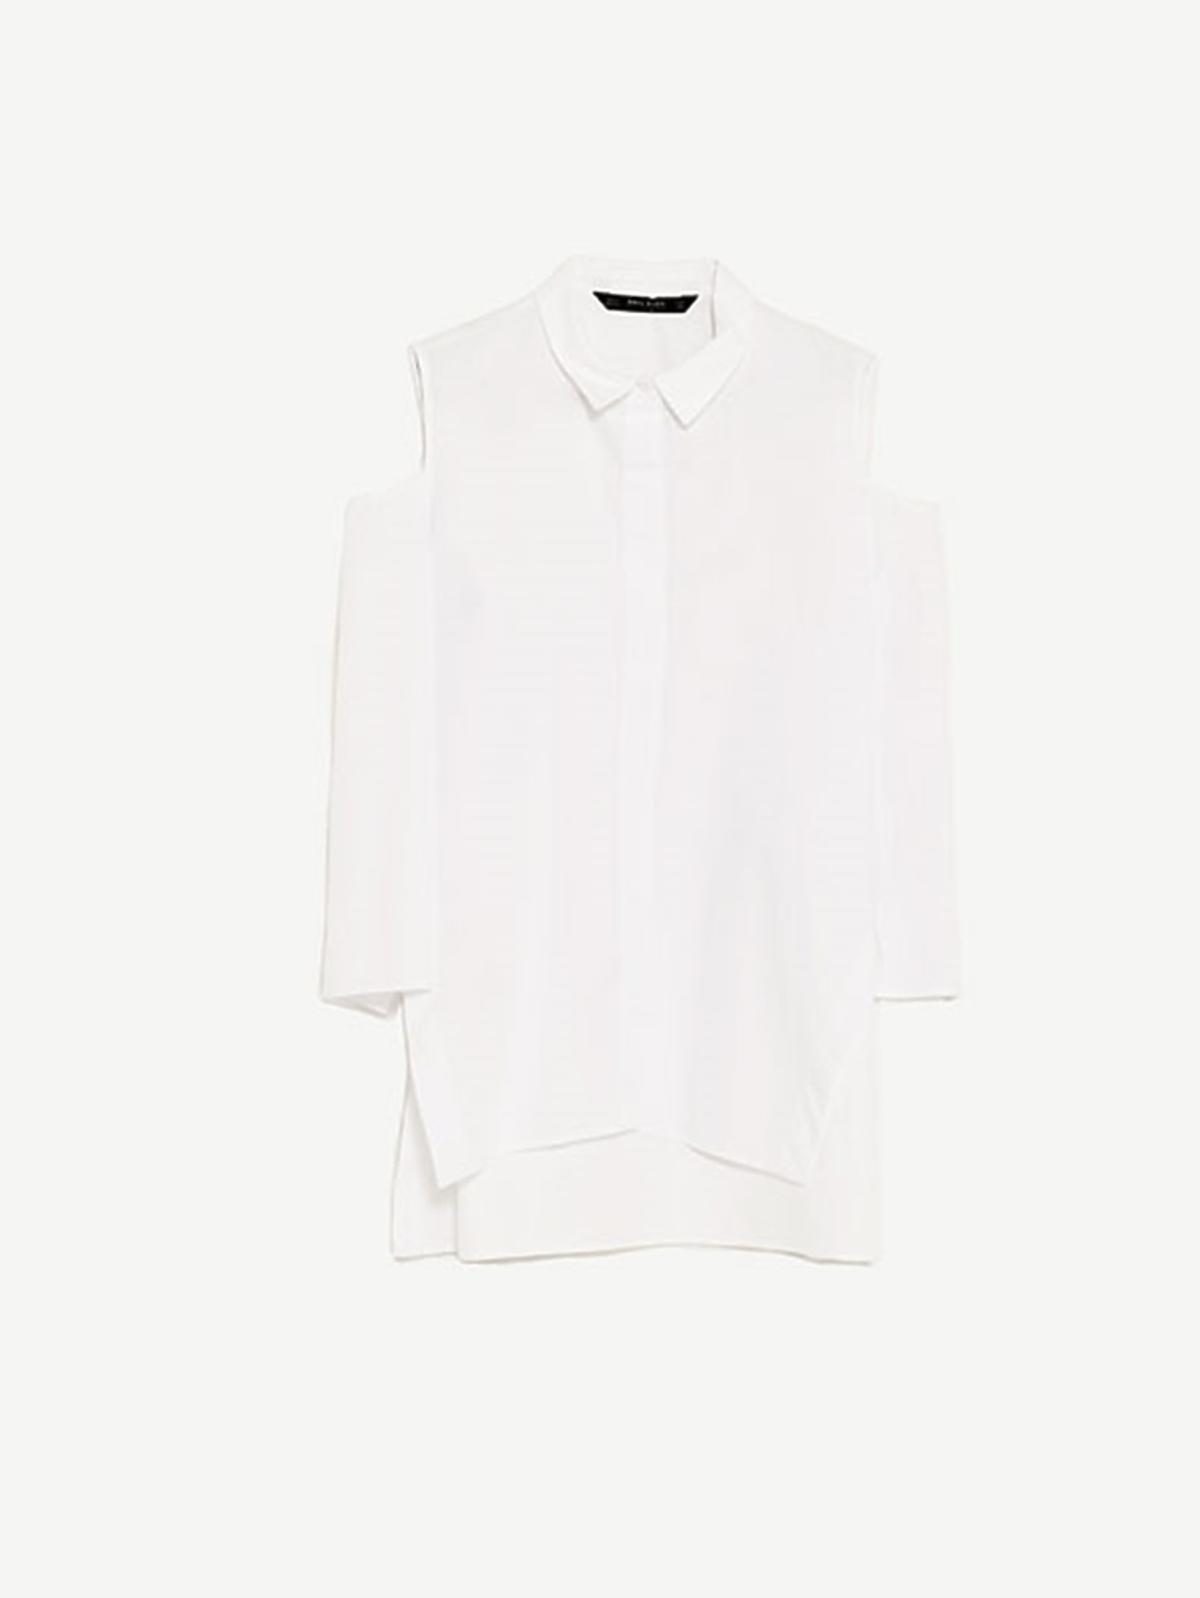 Koszula z odkrytymi rękawami, Zara, 99,90 zł